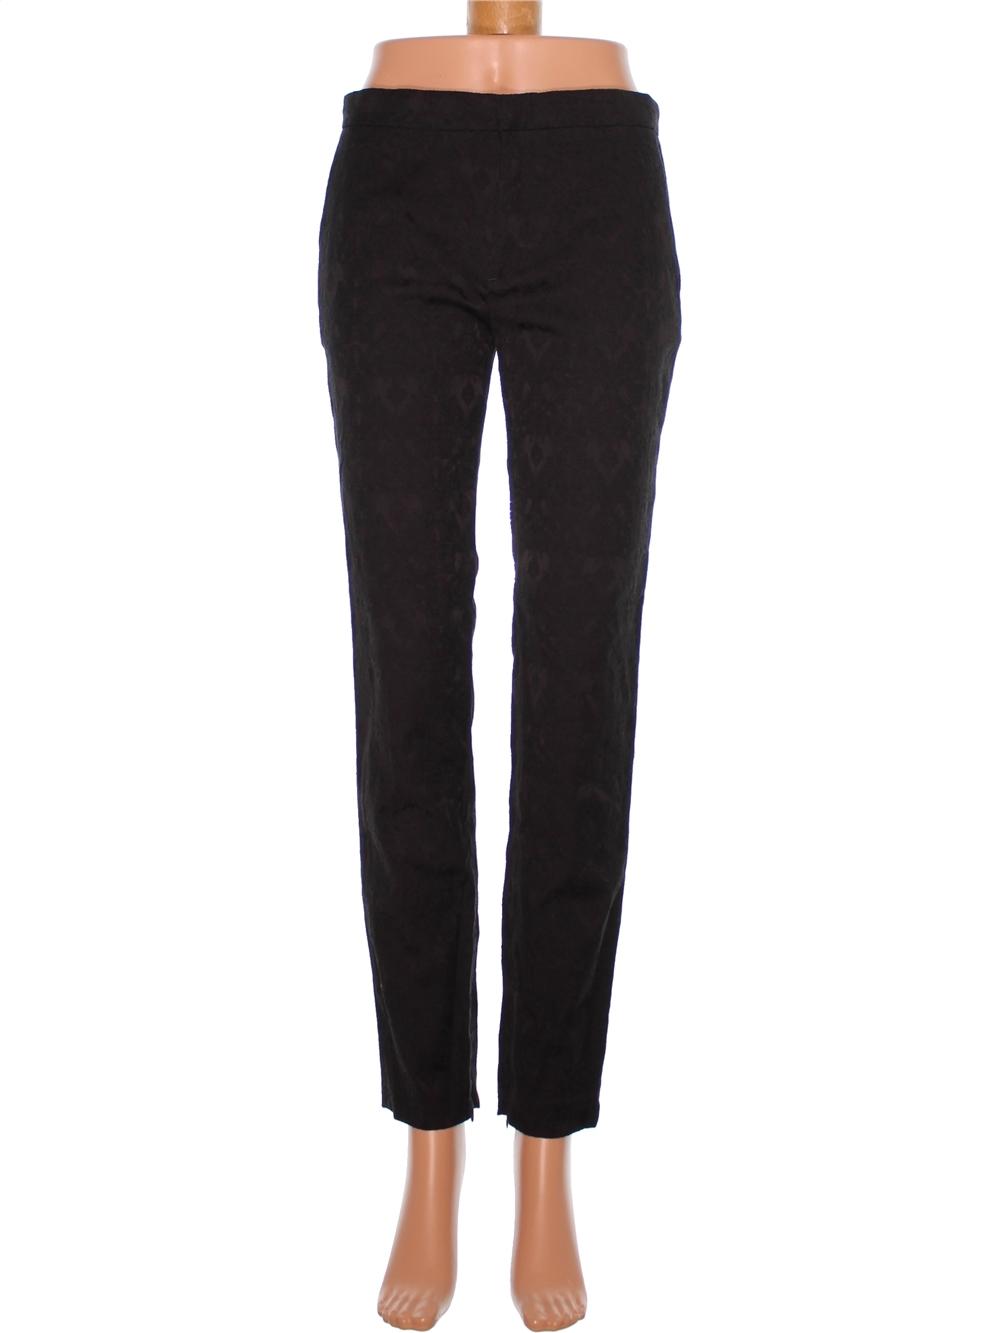 Pantalon Femme ZARA XS pas cher, 4.80 € -